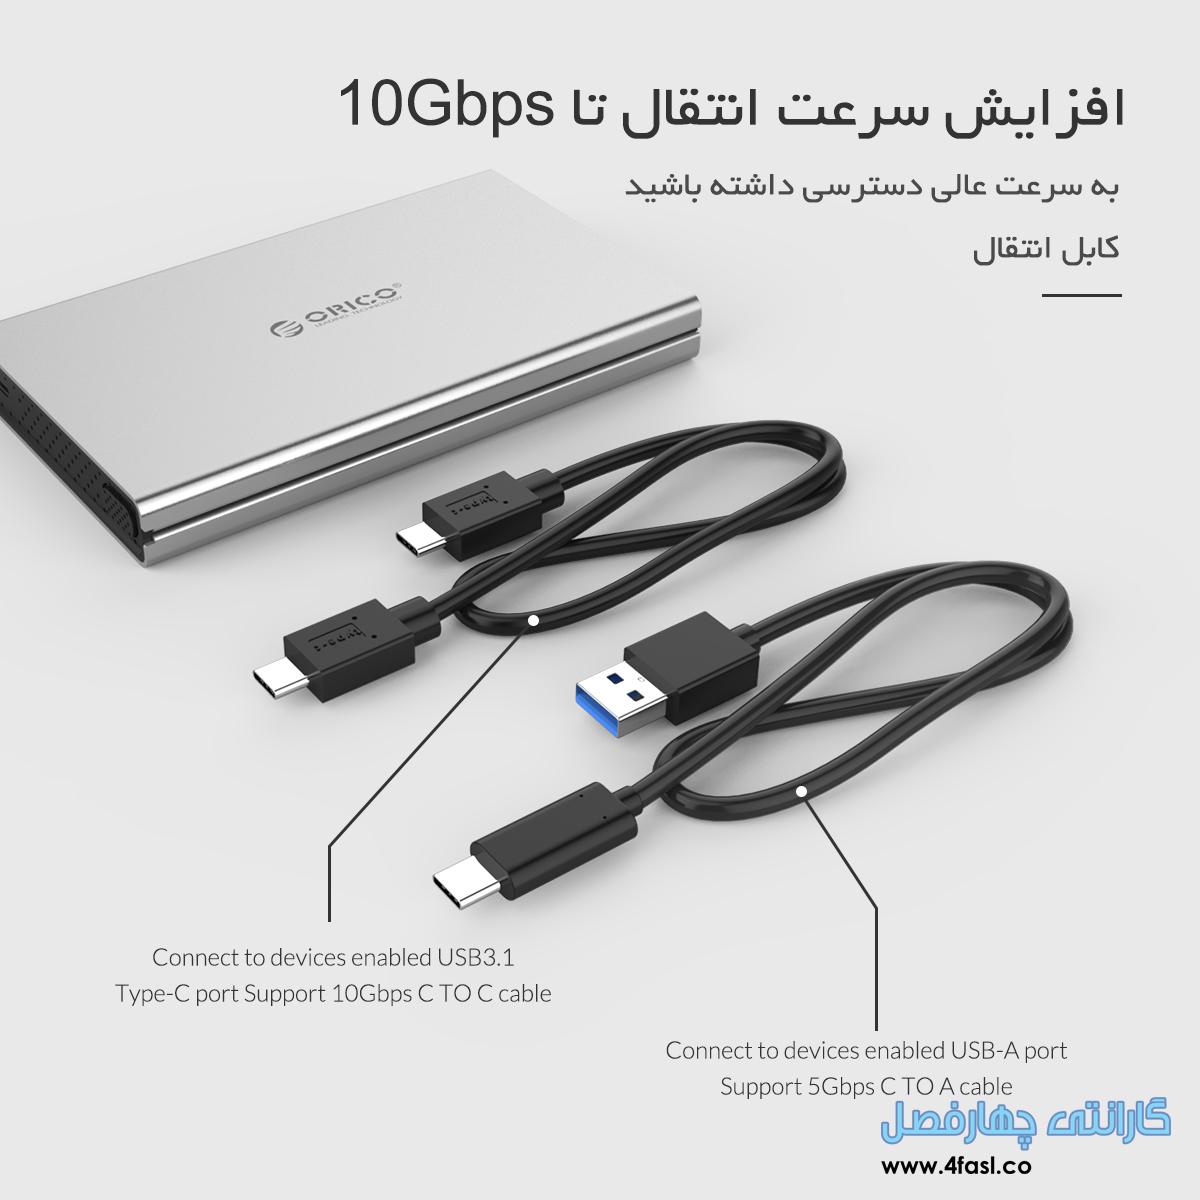 باکس SSD و هارد USB3.1